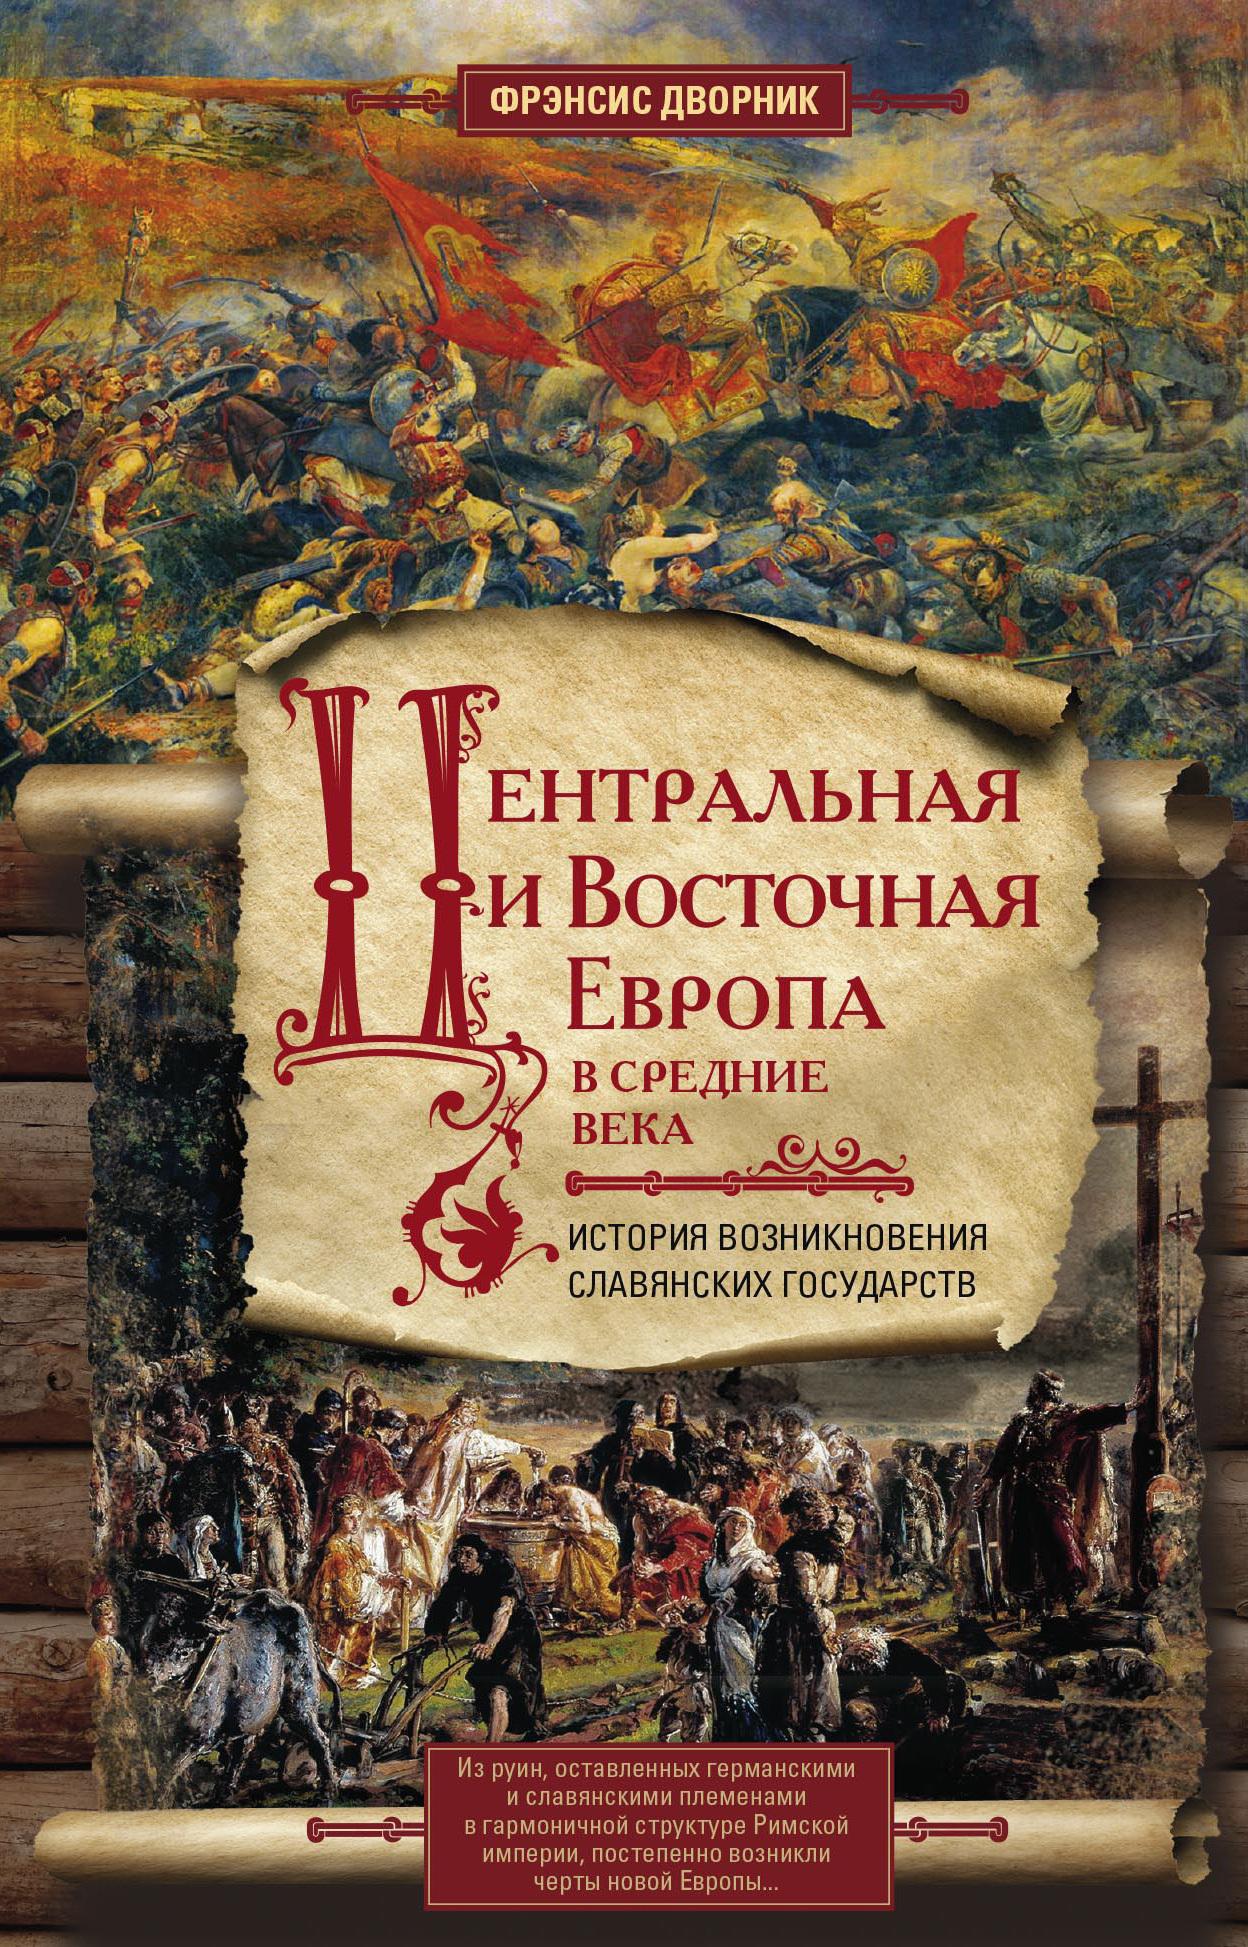 Центральная и Восточная Европа в Средние века. История возникновения славянских государств